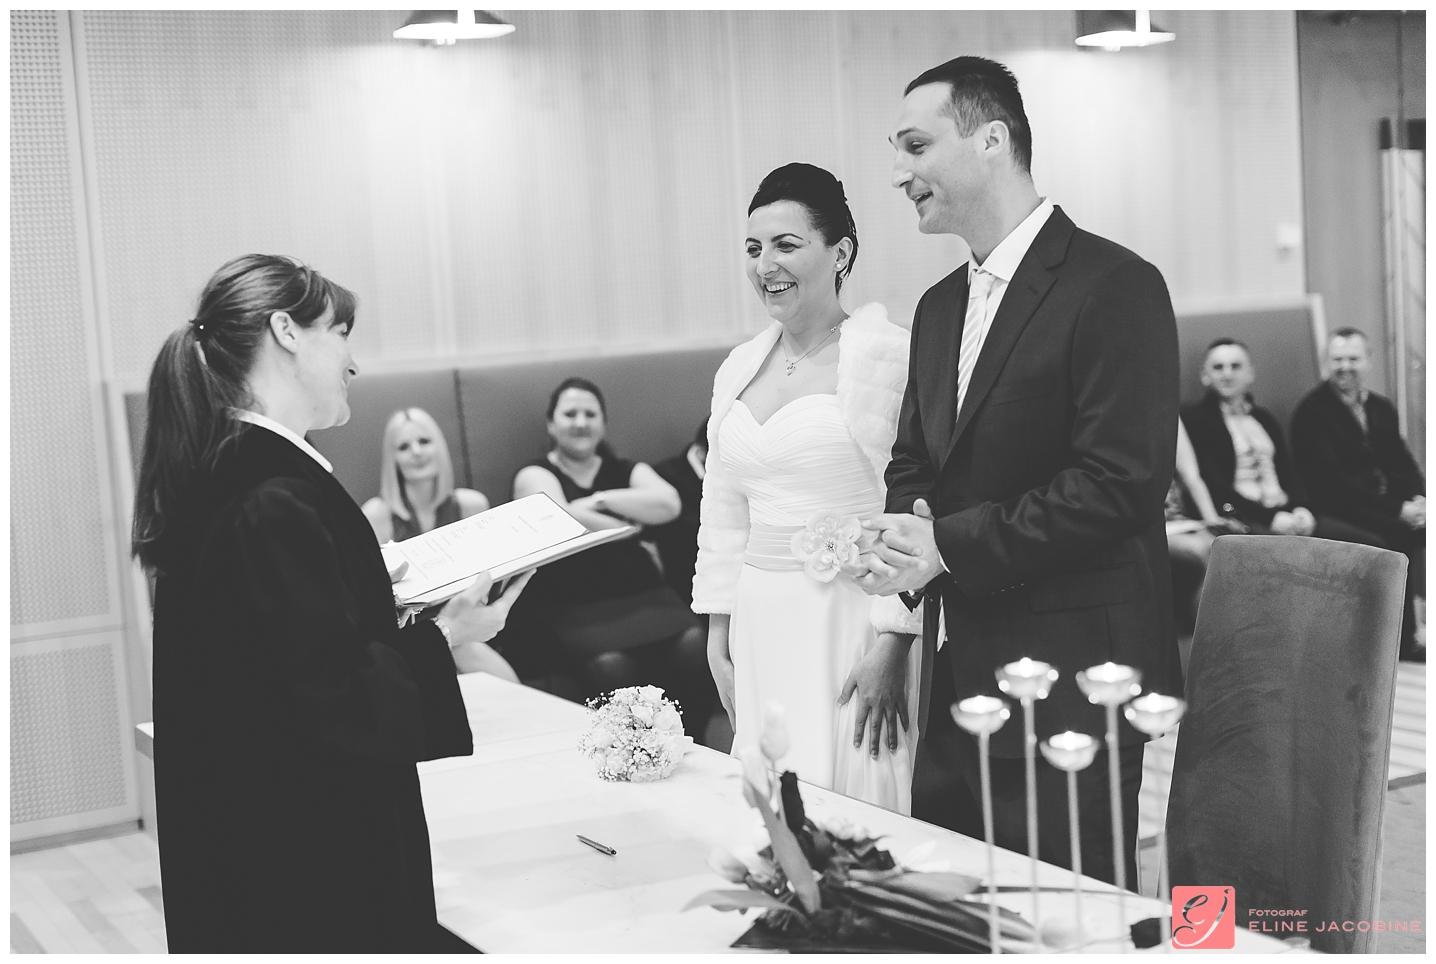 Oslo-Tinghuset-Bryllupsfotografering-Fotograf-Eline-Jacobine-Mirnale-og-Alen_0005